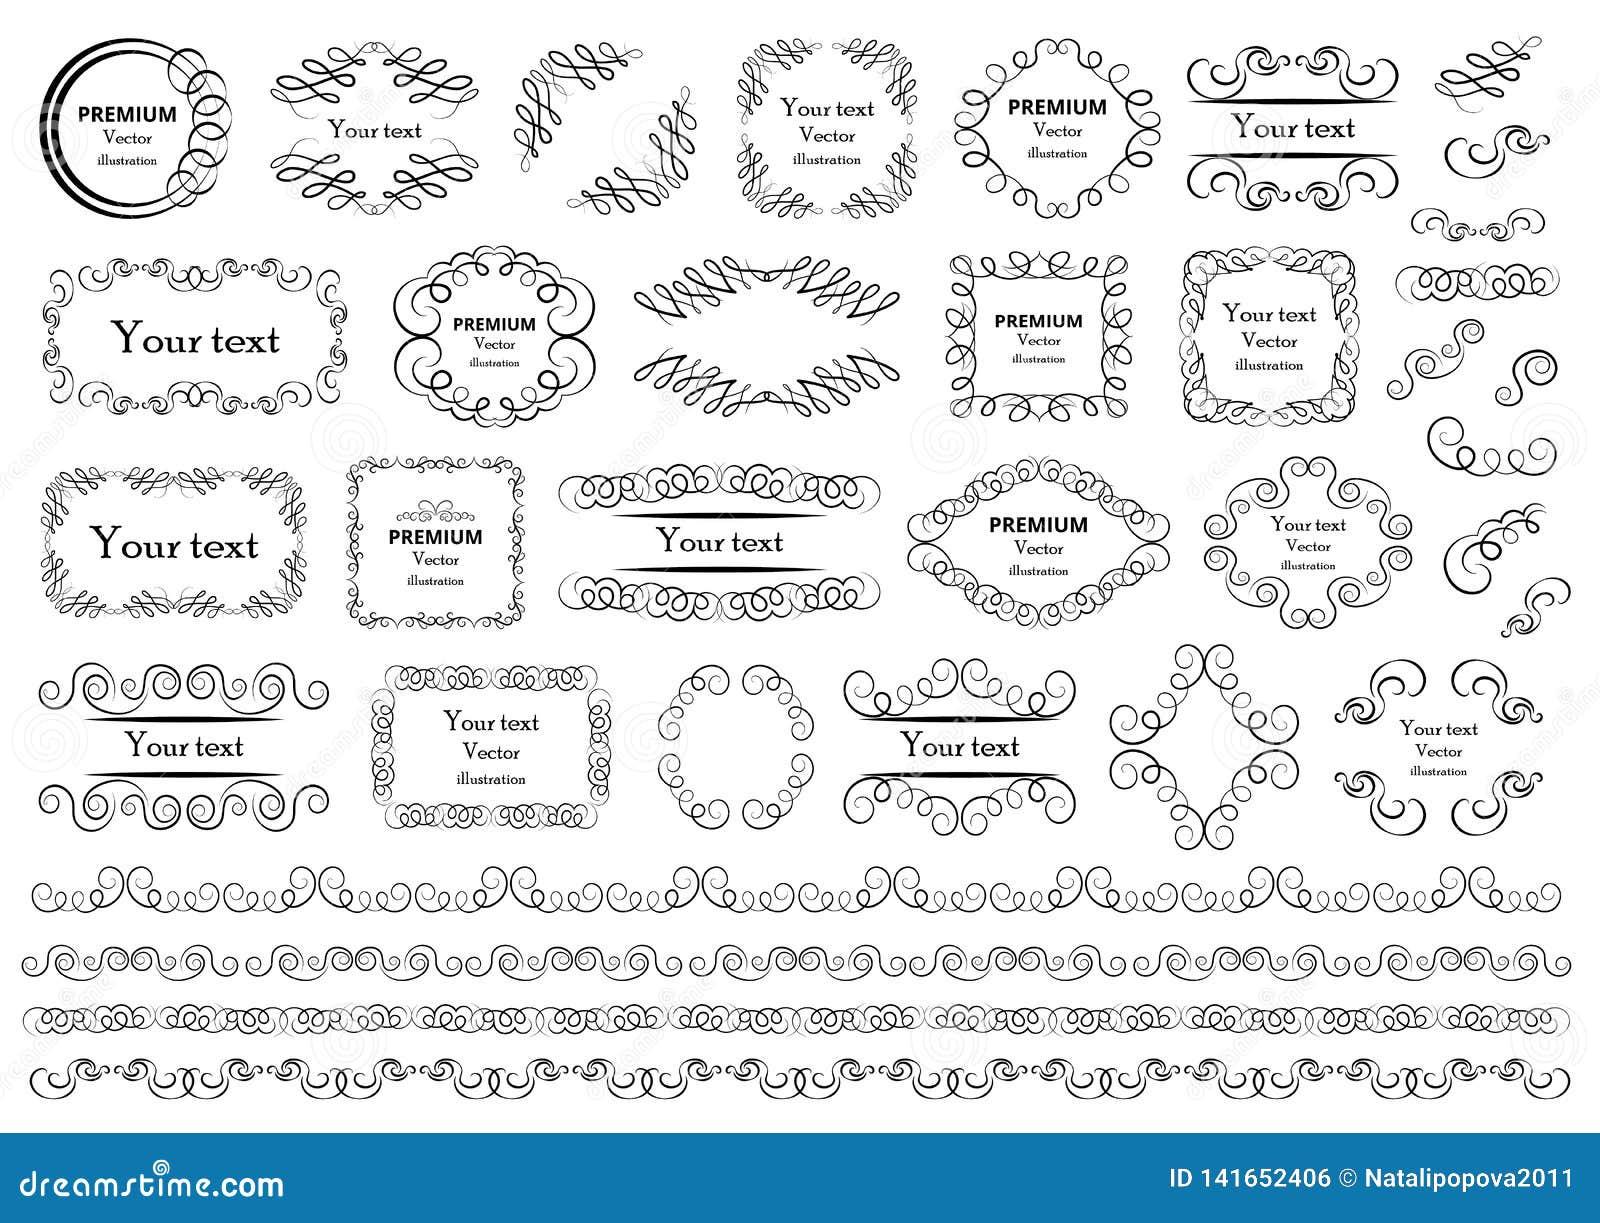 Calligraphic vektor för designelementbild Dekorativa virvlar eller snirklar, tappning inramar, krusidullar, etiketter och avdelar